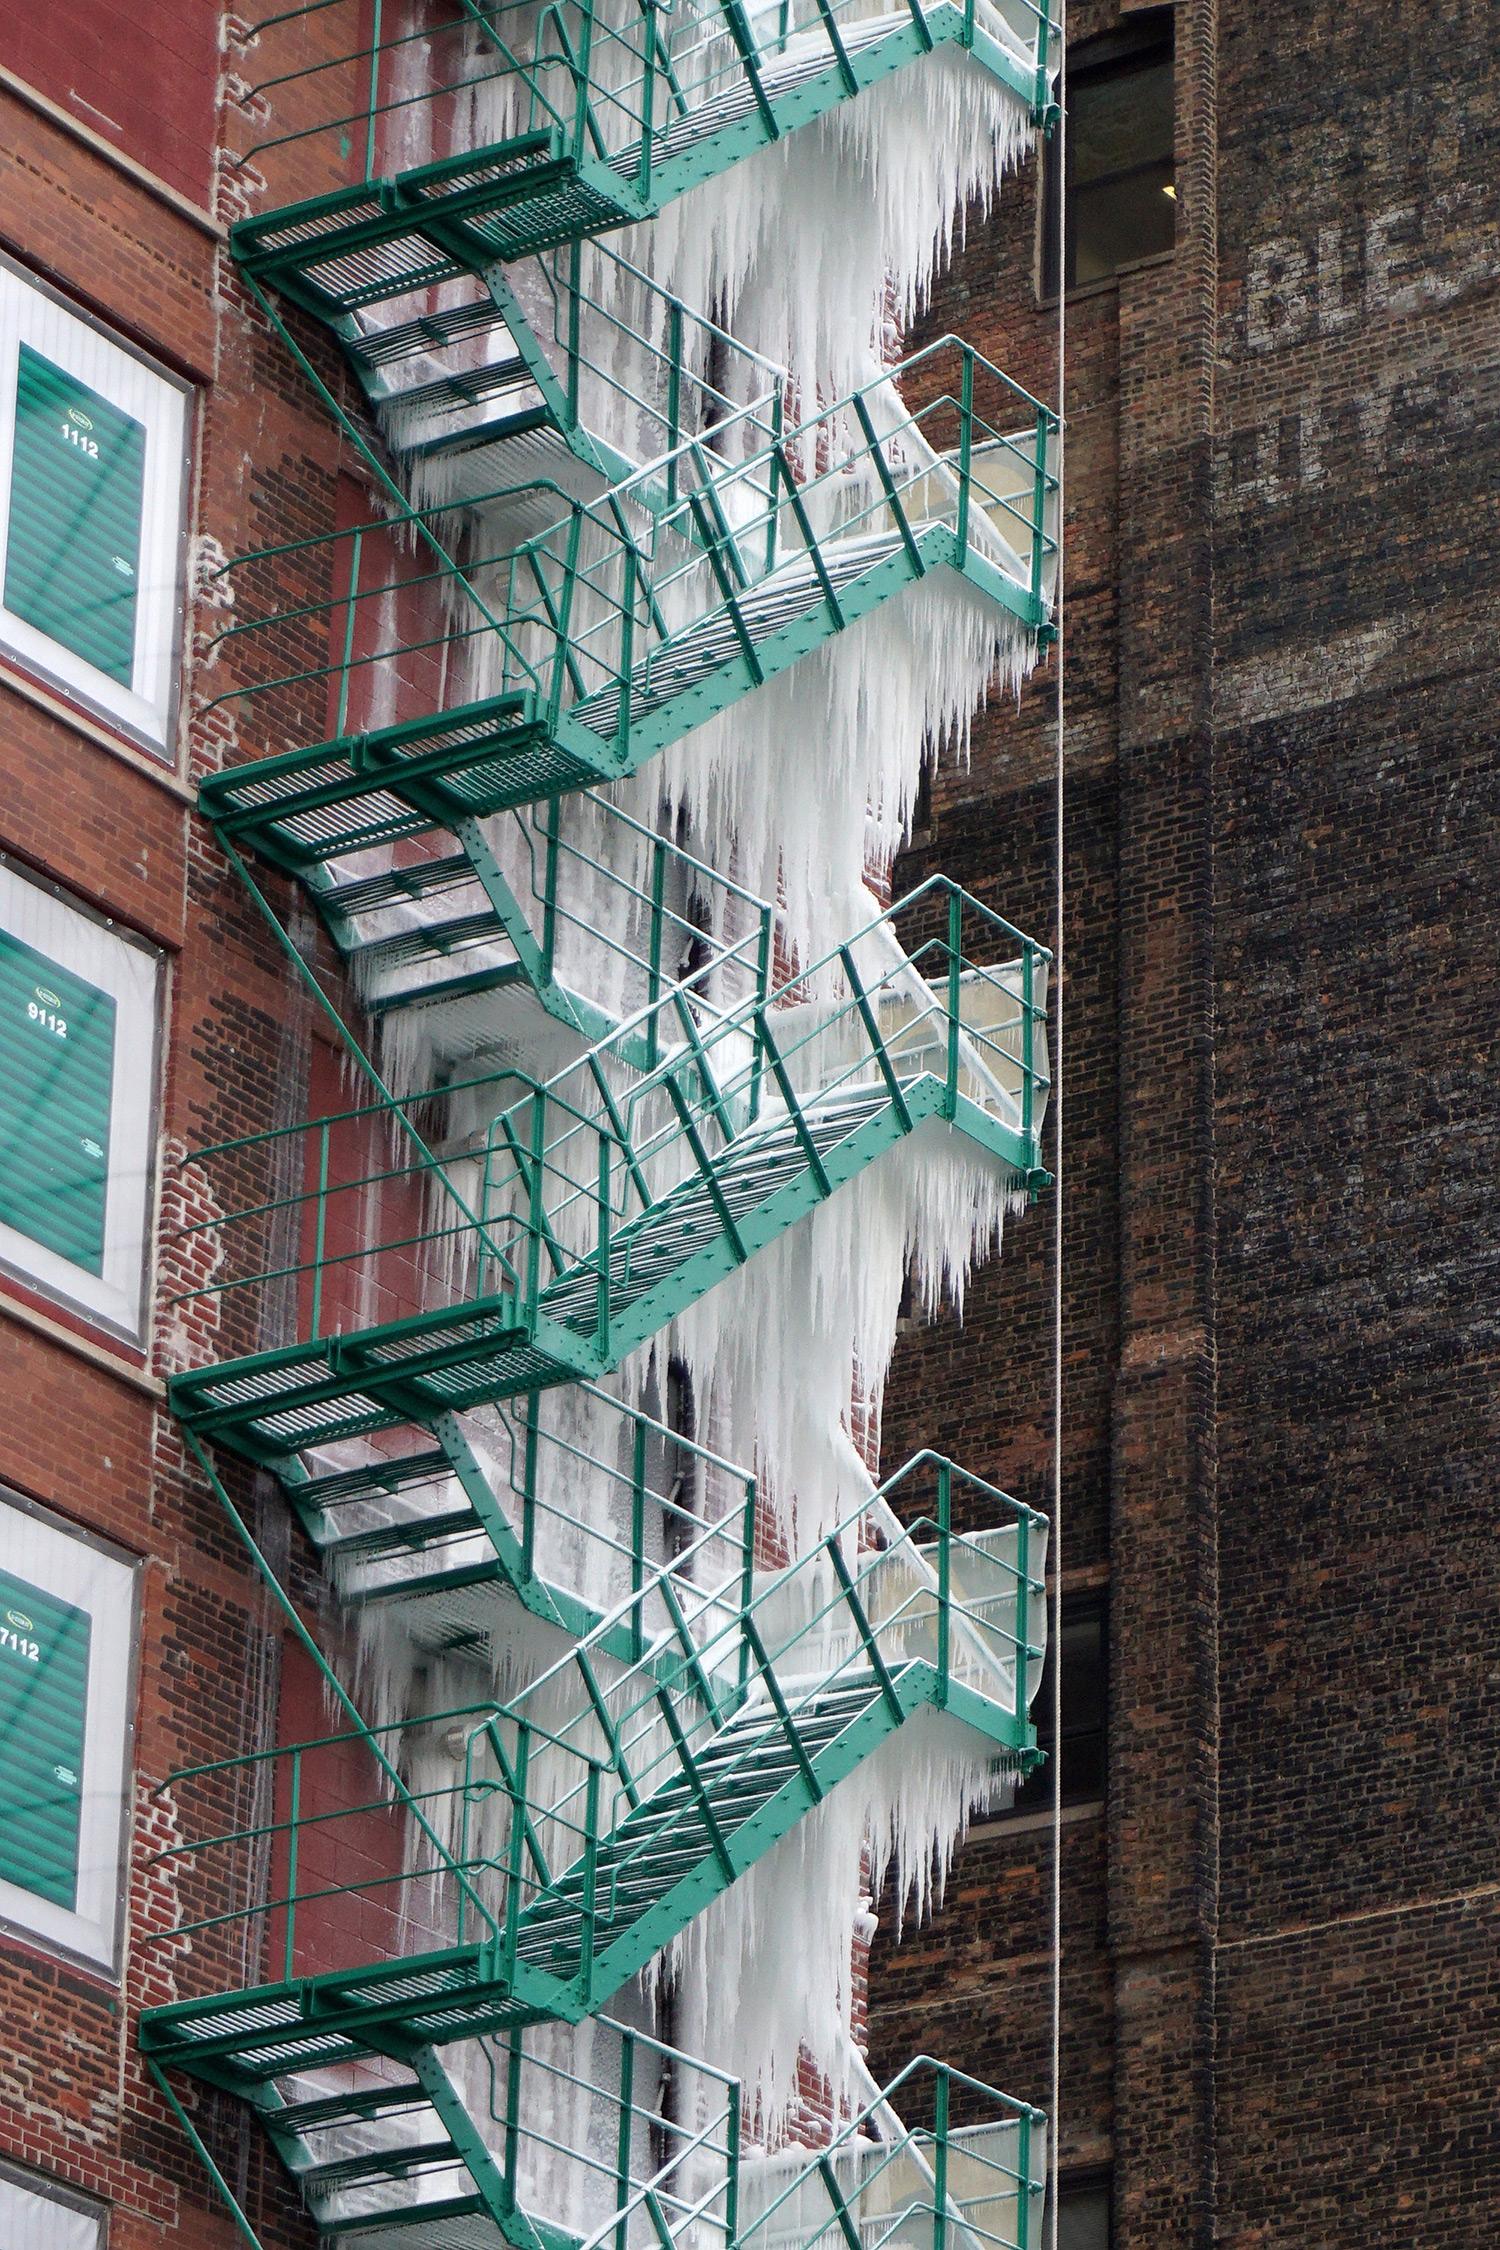 Однажды в Чикаго конце, башню, каскадом, хлынула, пожарной, лестнице, быстро, замерла, ледяную, Уличный, 21этажном, артфотограф, Эндрю, остановился, захватил, несколько, снимков, удивительного, отеля, системе